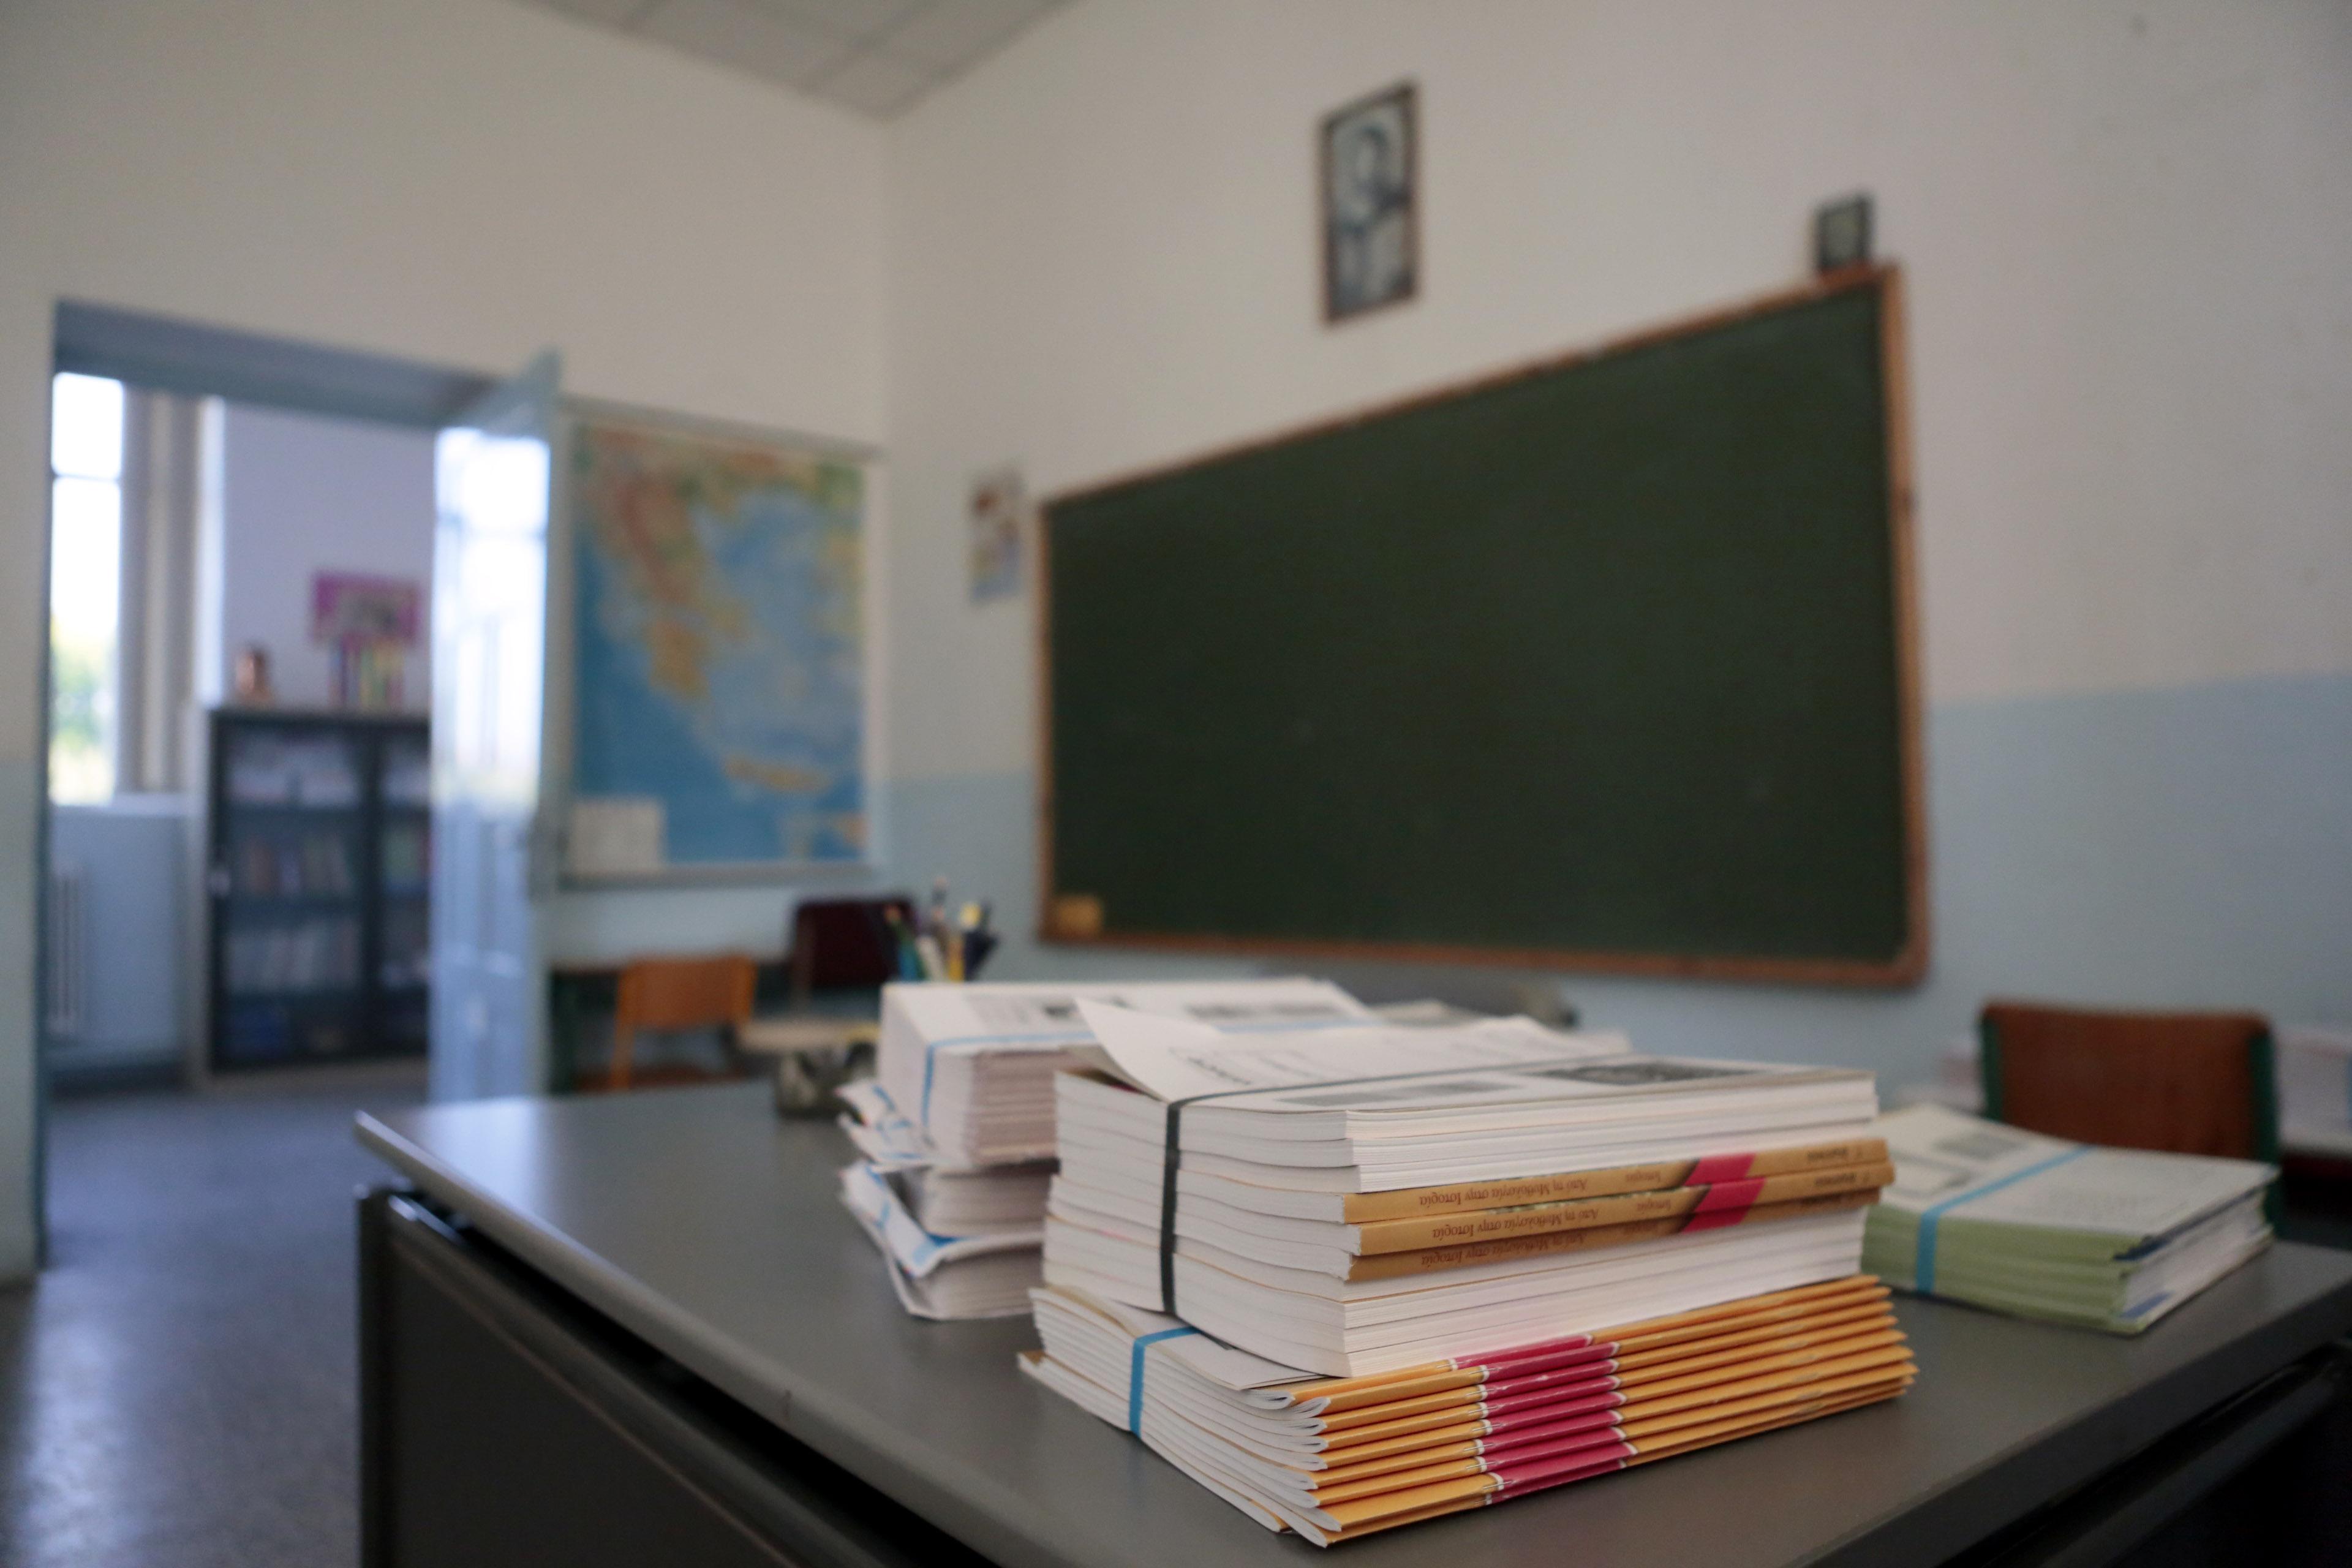 Μόρια αντί για μισθό σε εθελοντές εκπαιδευτικούς μελετά ο Λοβέρδος | tovima.gr